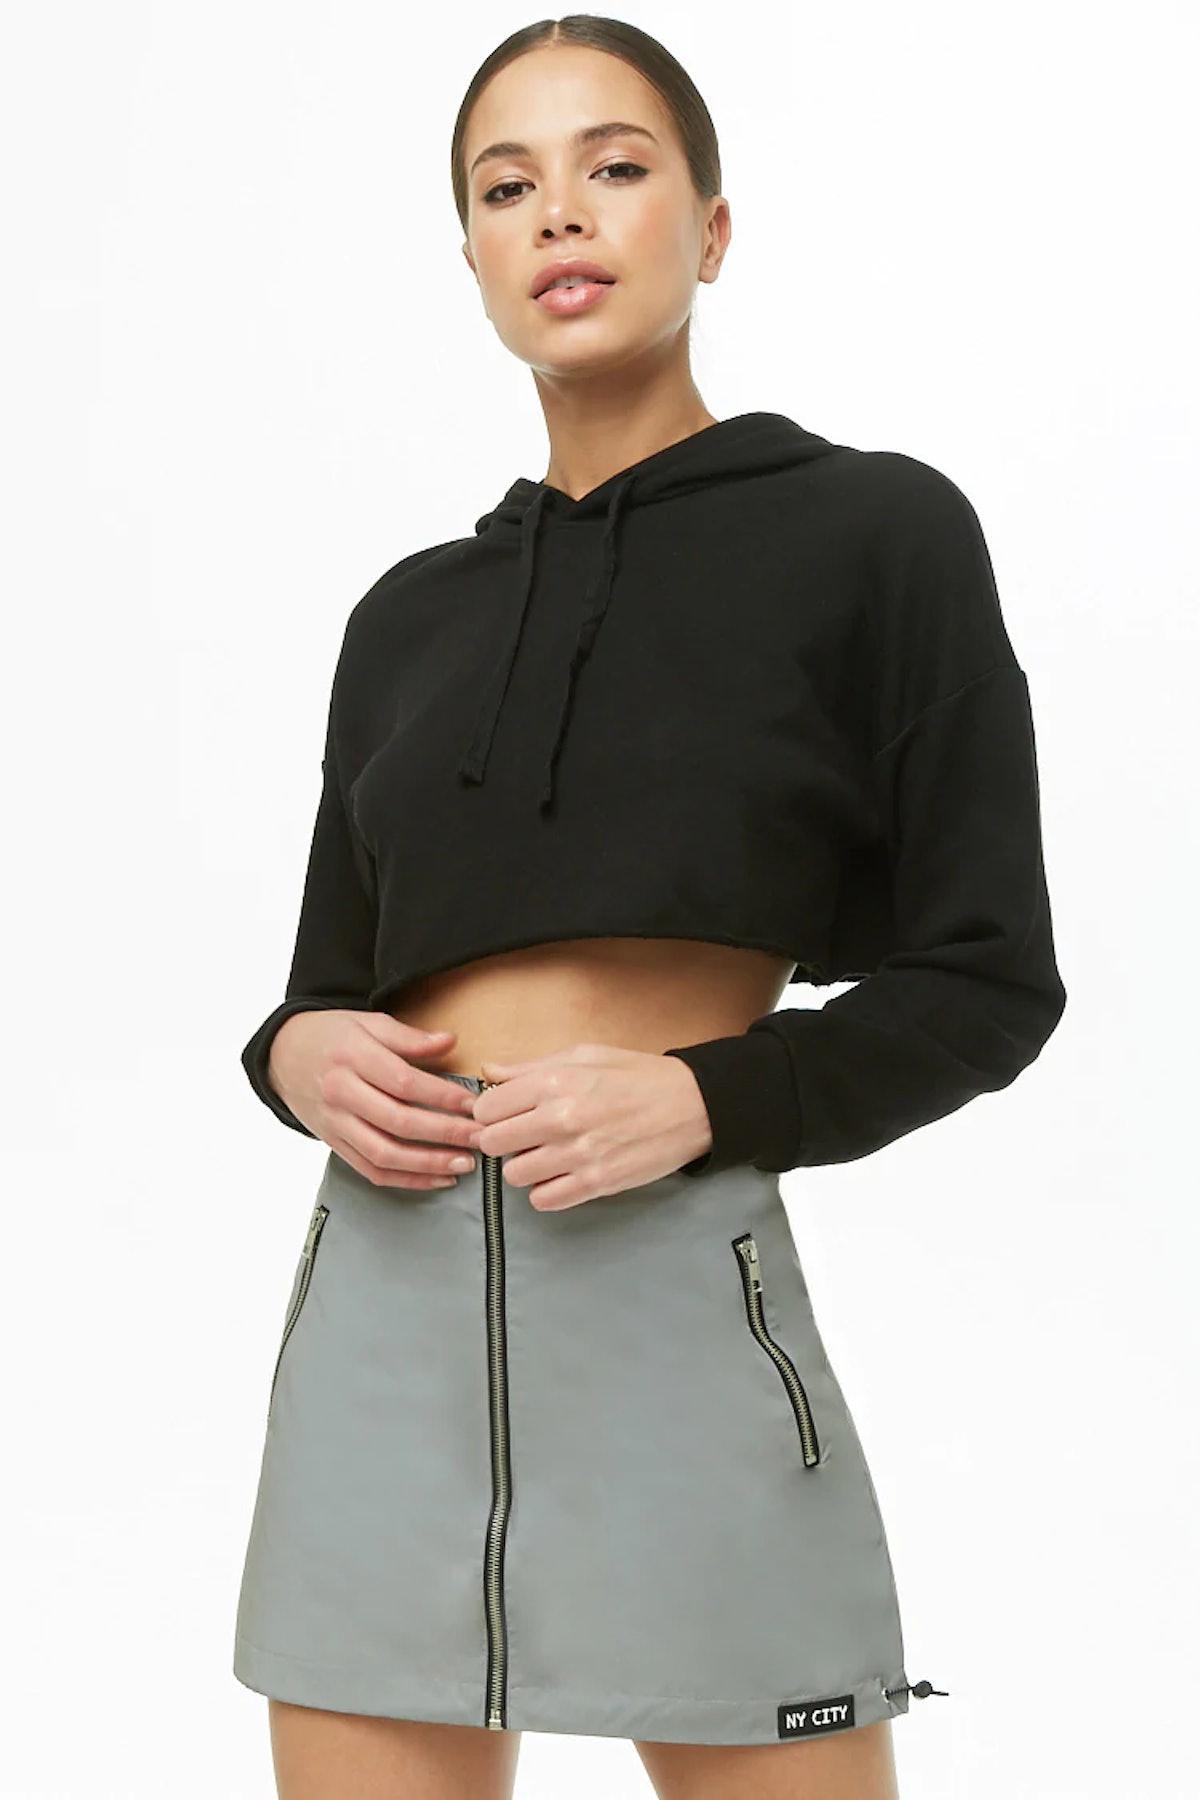 NY City Patch Reflective Skirt